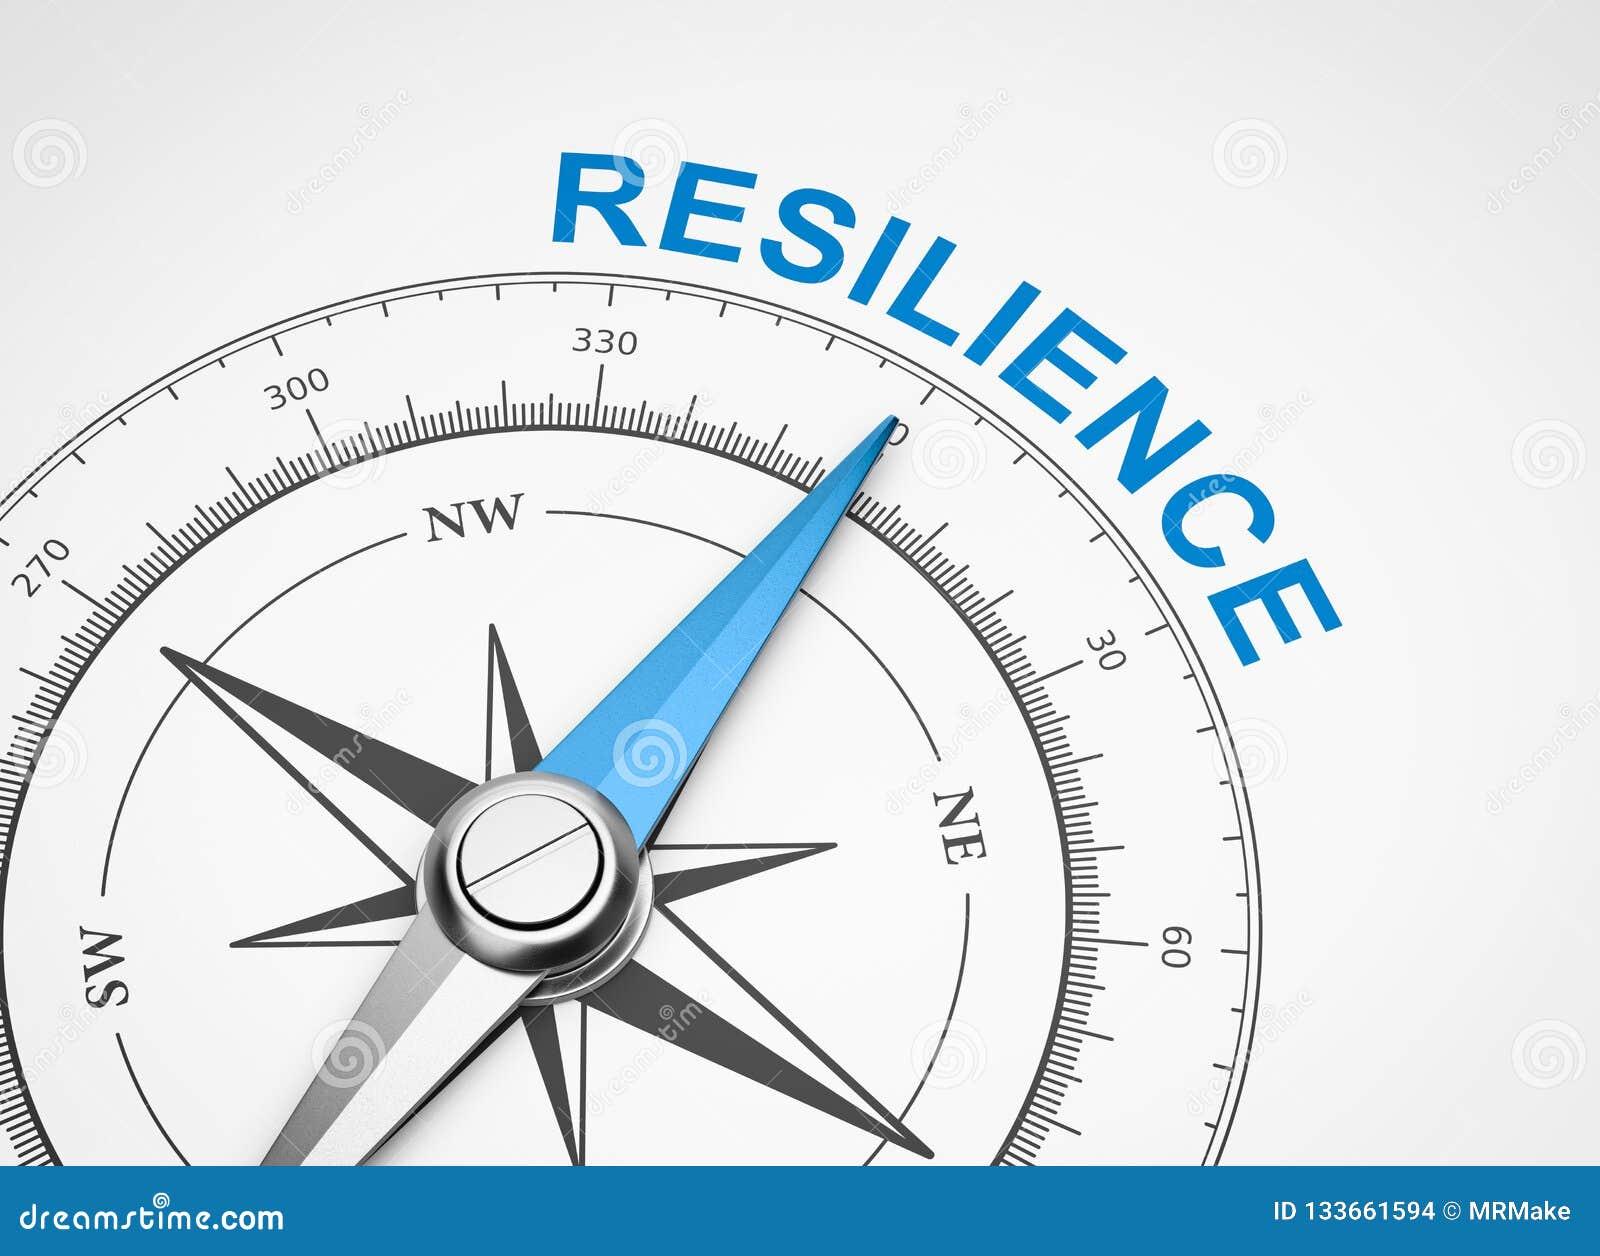 Bussola su fondo bianco, concetto di resilienza